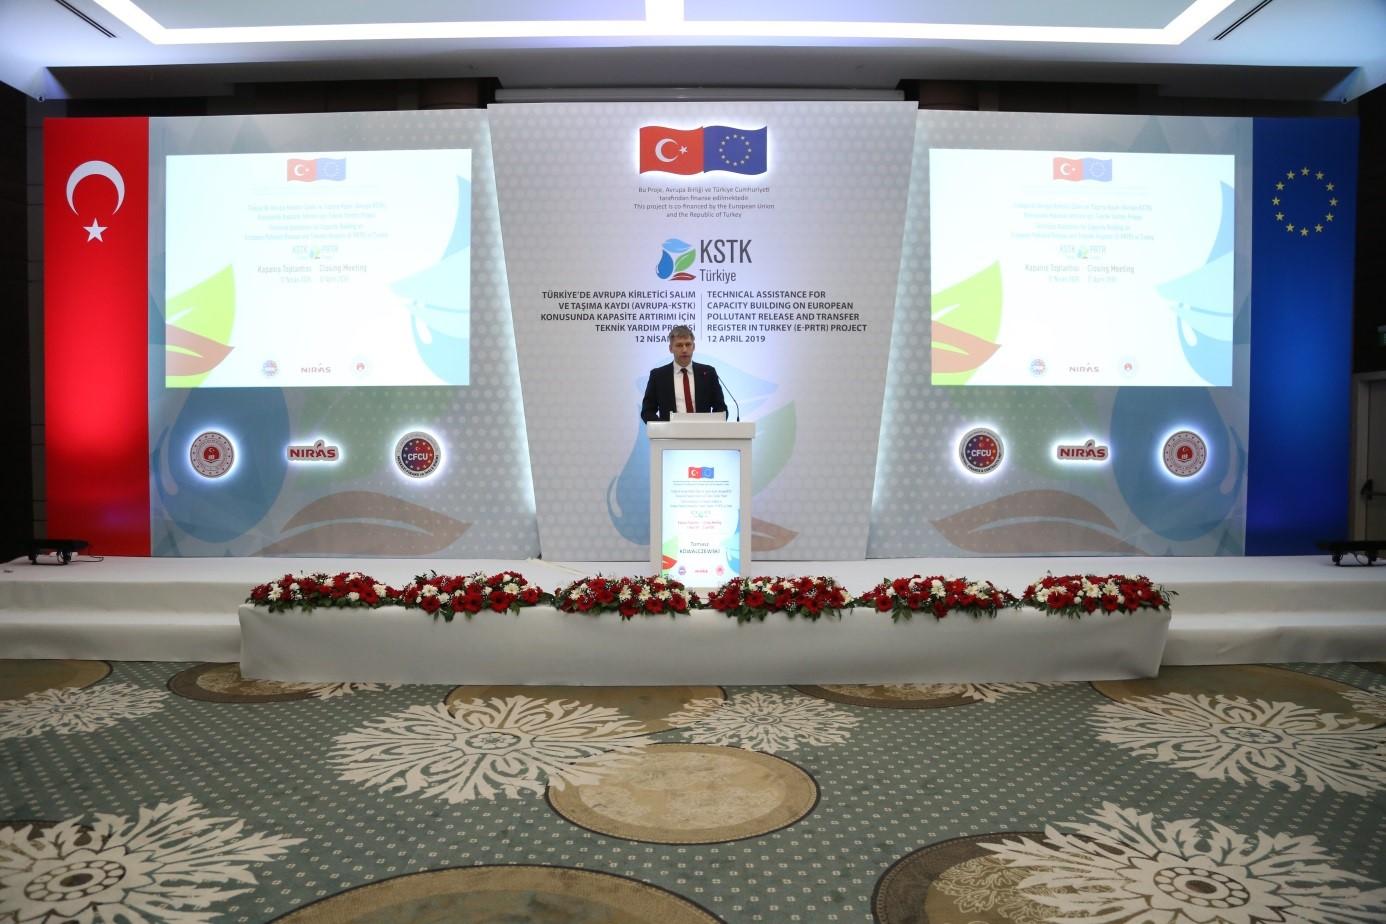 Kirletici Salım ve Taşıma Kaydı Projesi Kapanış Toplantısı gerçekleştirildi.